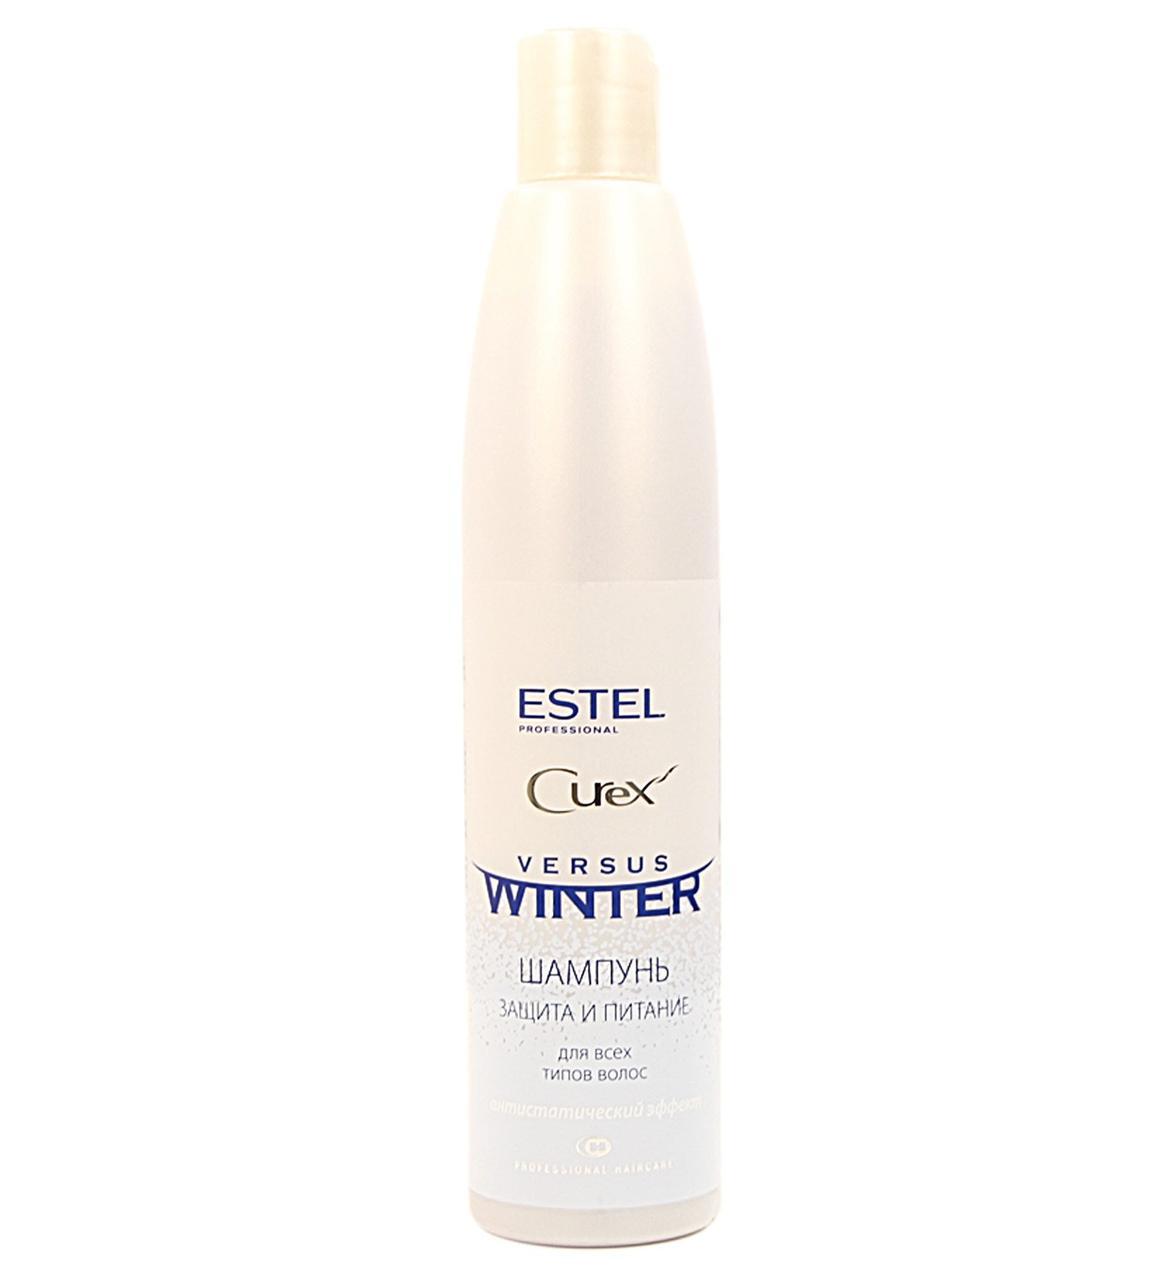 Шампунь зимняя защита для волос 300 мл Estel Professional Curex Versus Winter